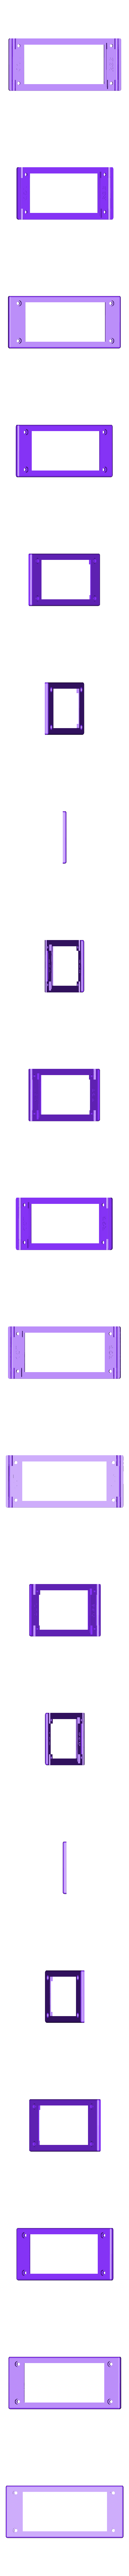 LCD_Front.stl Télécharger fichier STL gratuit Blinkini (Dessus de l'obturateur LCD) • Design pour impression 3D, SexyCyborg